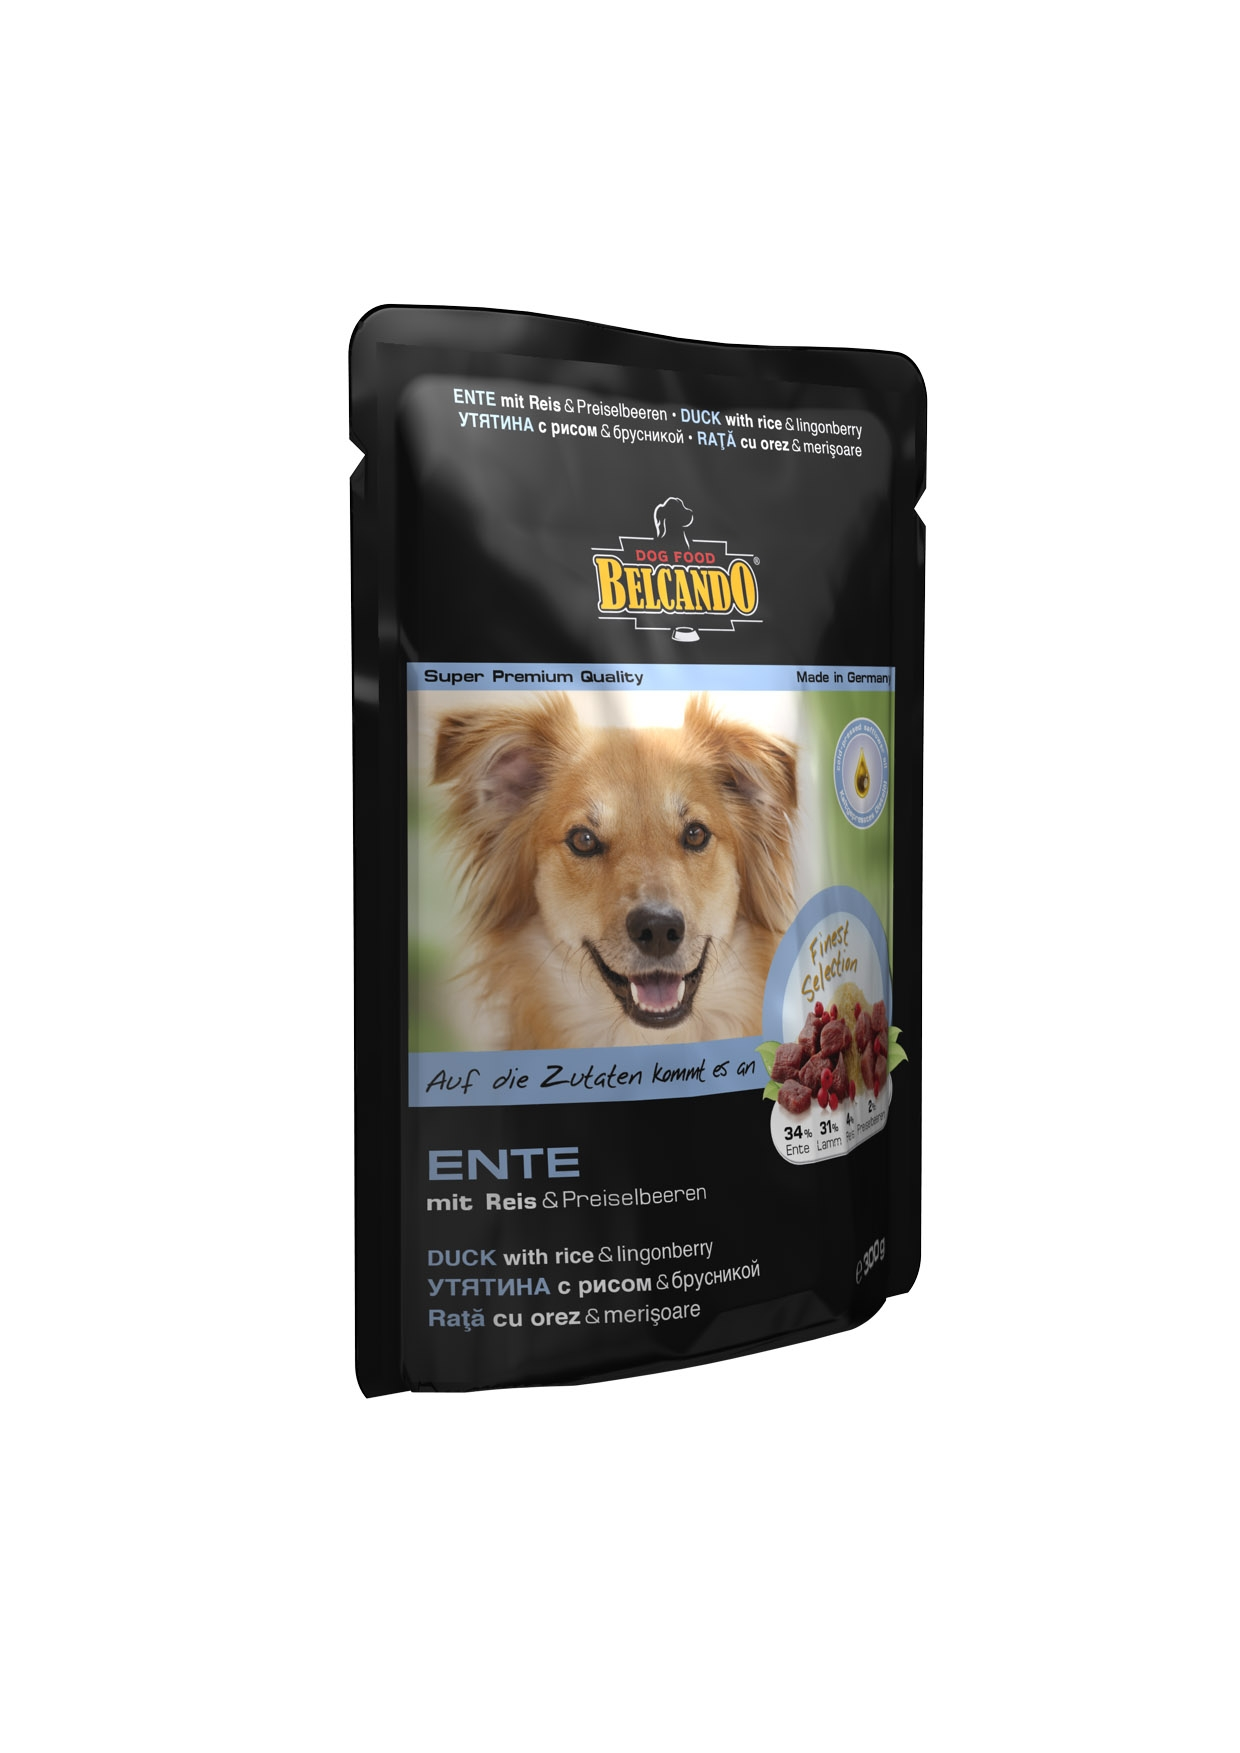 Консервы для собак Belcando, с уткой, рисом и брусникой, 125 г43352Консервы для собак Belcando - это великолепная рецептура в практичной индивидуальной порции. Корм подходит также для собак, склонных к аллергии.Состав: сердце утки, печень (34%), мясо ягненка, печень, легкие, сердце, рубец (31%), бульон из ягненка и утки (28%), рис (4%), брусника (4%), масло чертополоха (0,5%), карбонат кальция (0,5%). Содержание: протеин 10,8%, жир 6,4%, клетчатка 0,3%, зола 2%, влажность 76%.Добавки на кг: витамин А 3,000 МЕ, витамин Е 30 мг, марганец 3 мг, цинк 15 мг, йод 0,75 мг, селен 0,03 мг.Товар сертифицирован.